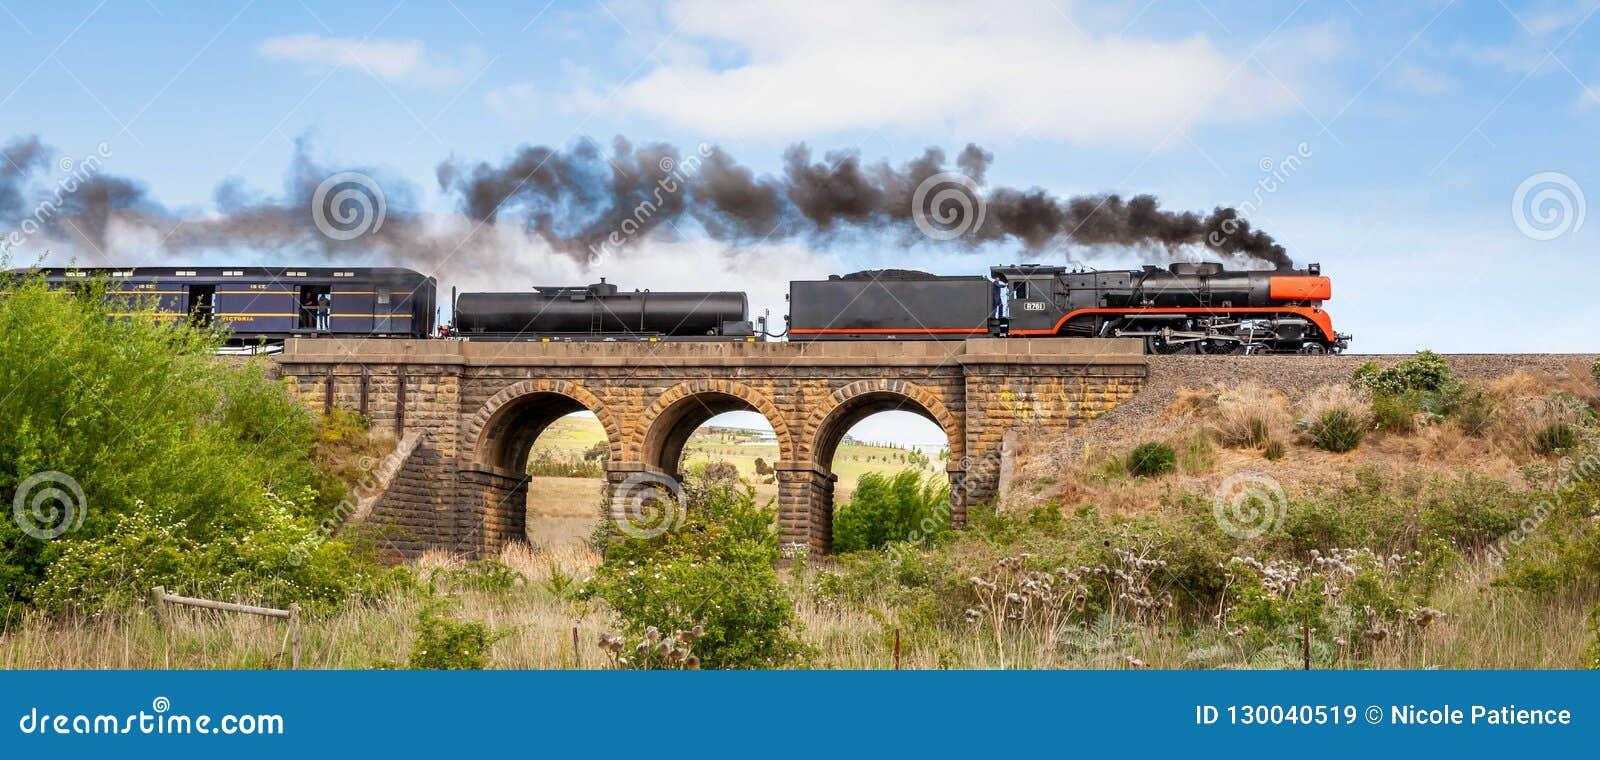 Train de vapeur voyageant au-dessus du vieux pont en bluestone, Sunbury, Victoria, Australie, octobre 2018